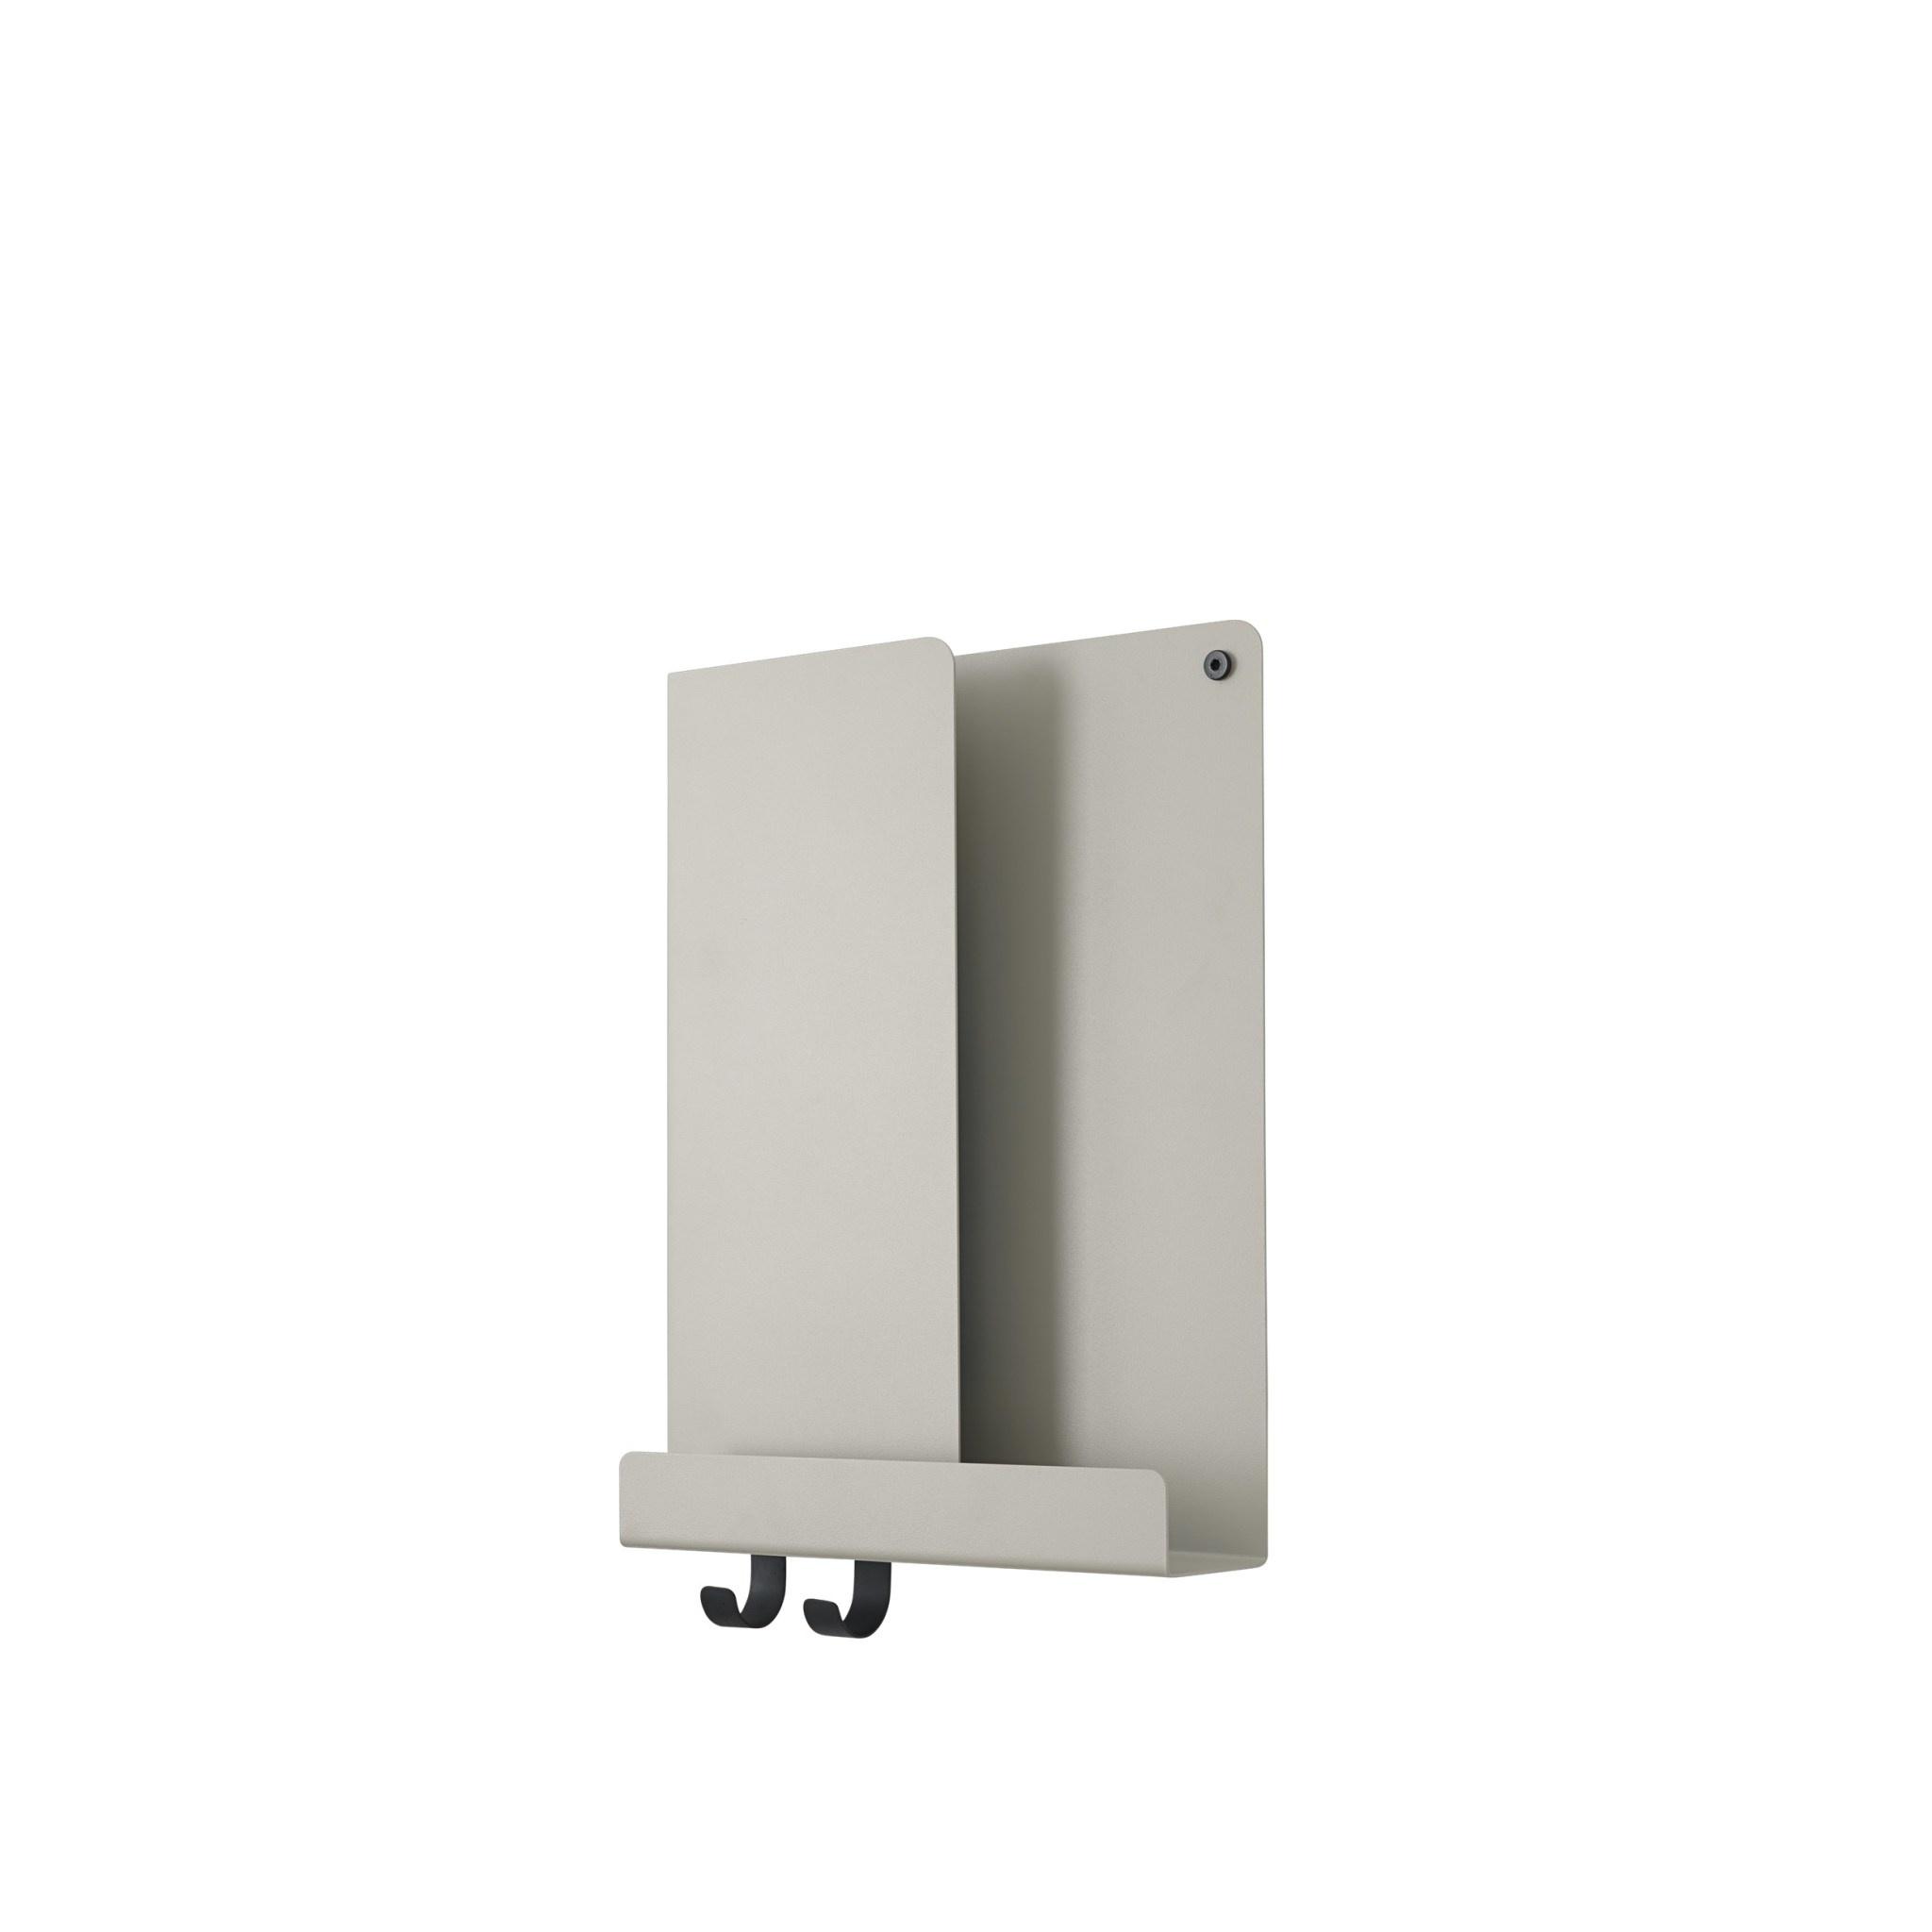 Folded shelves - XS-1